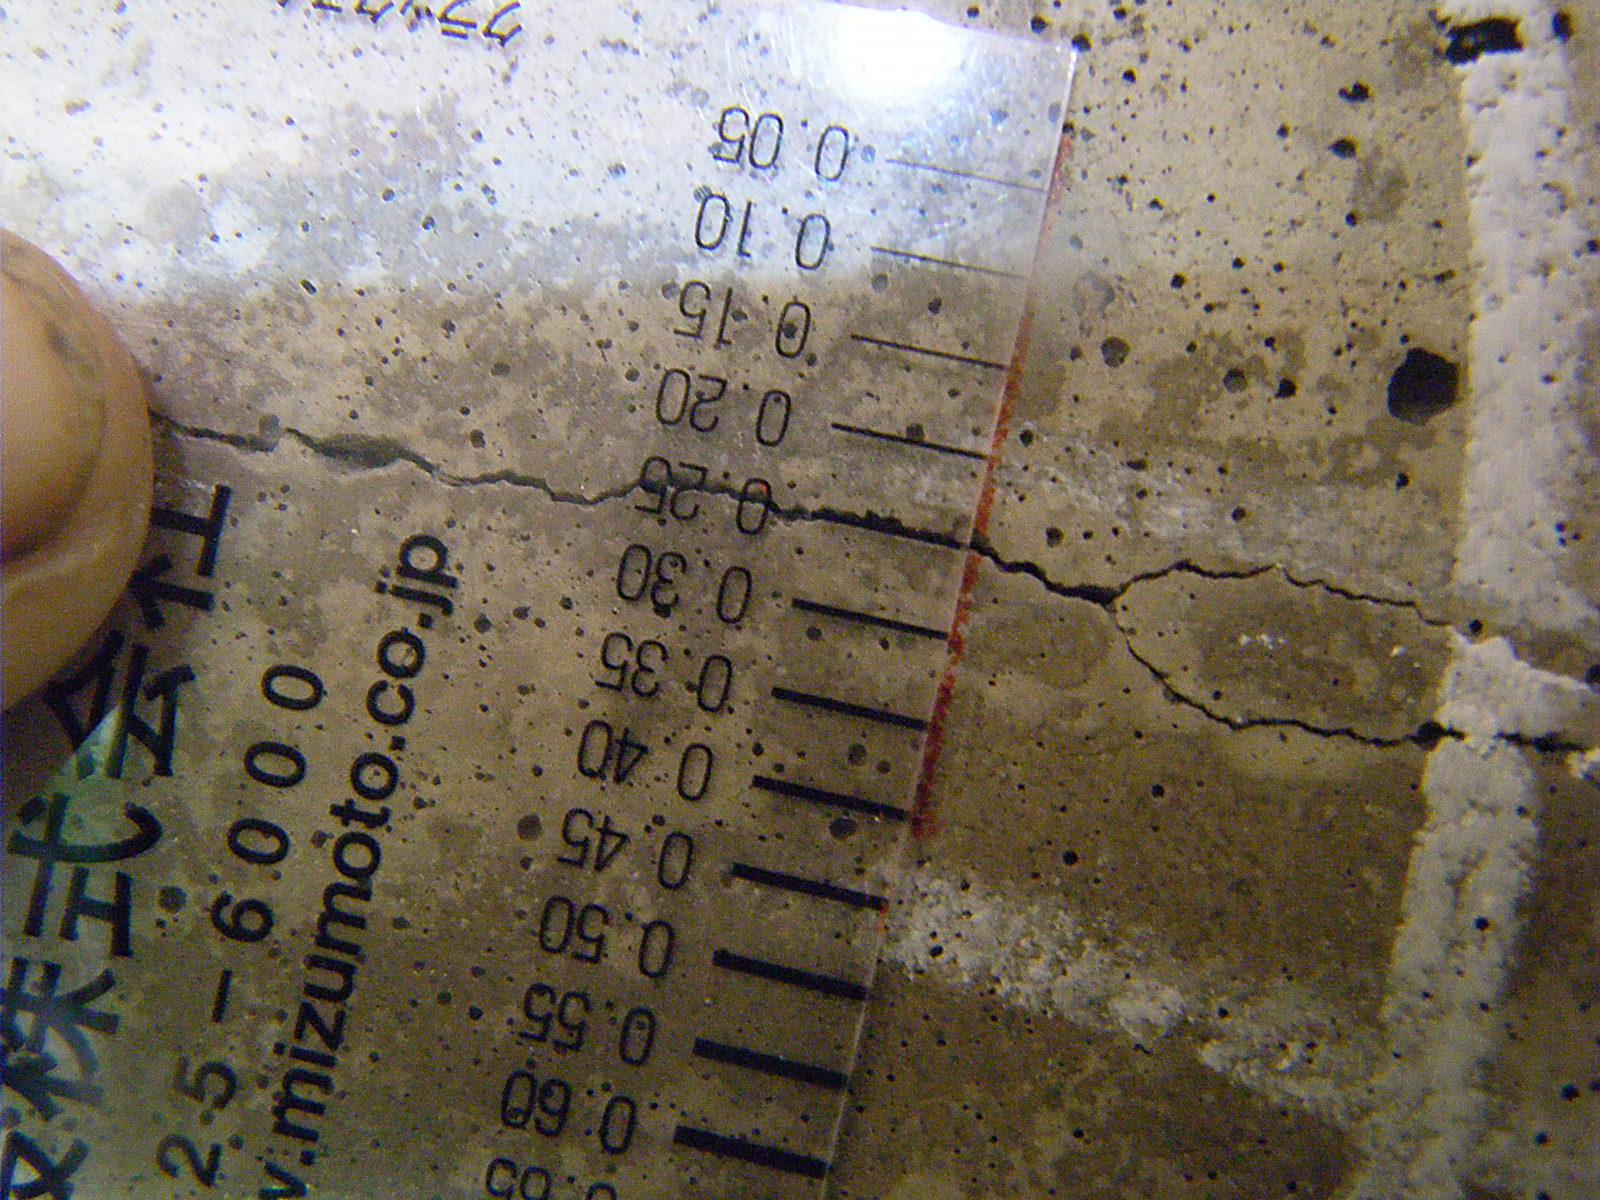 クラックスケールによる測定